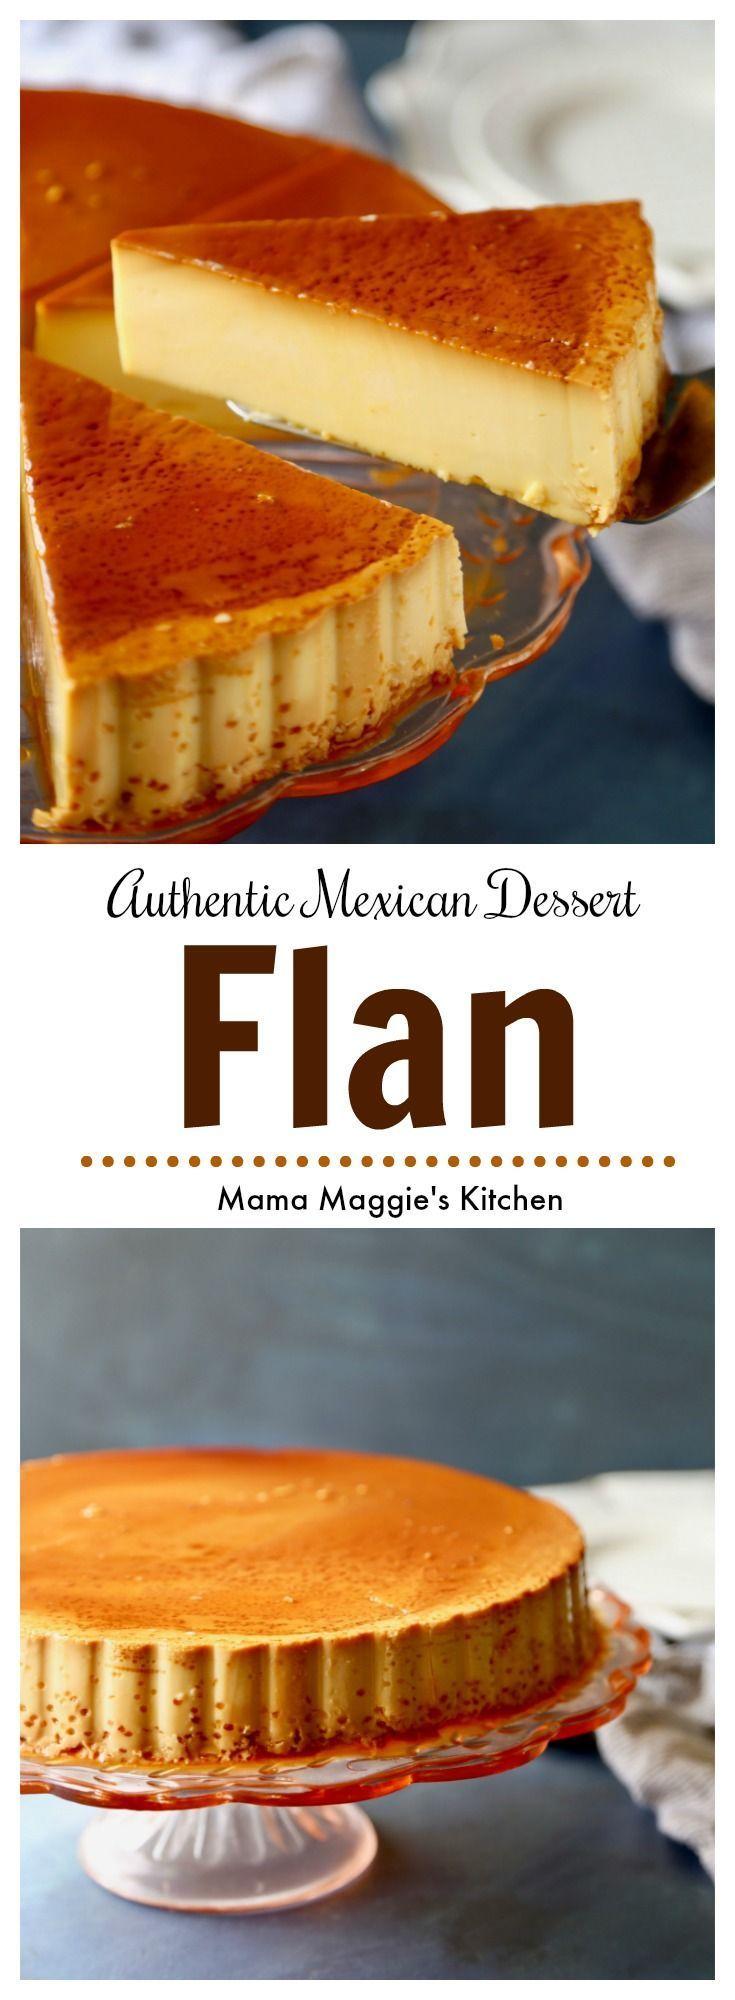 Flan - creamy, delicious, and rich dessert. A Mexican favorite recipe. Via @MamaMaggiesKitchen